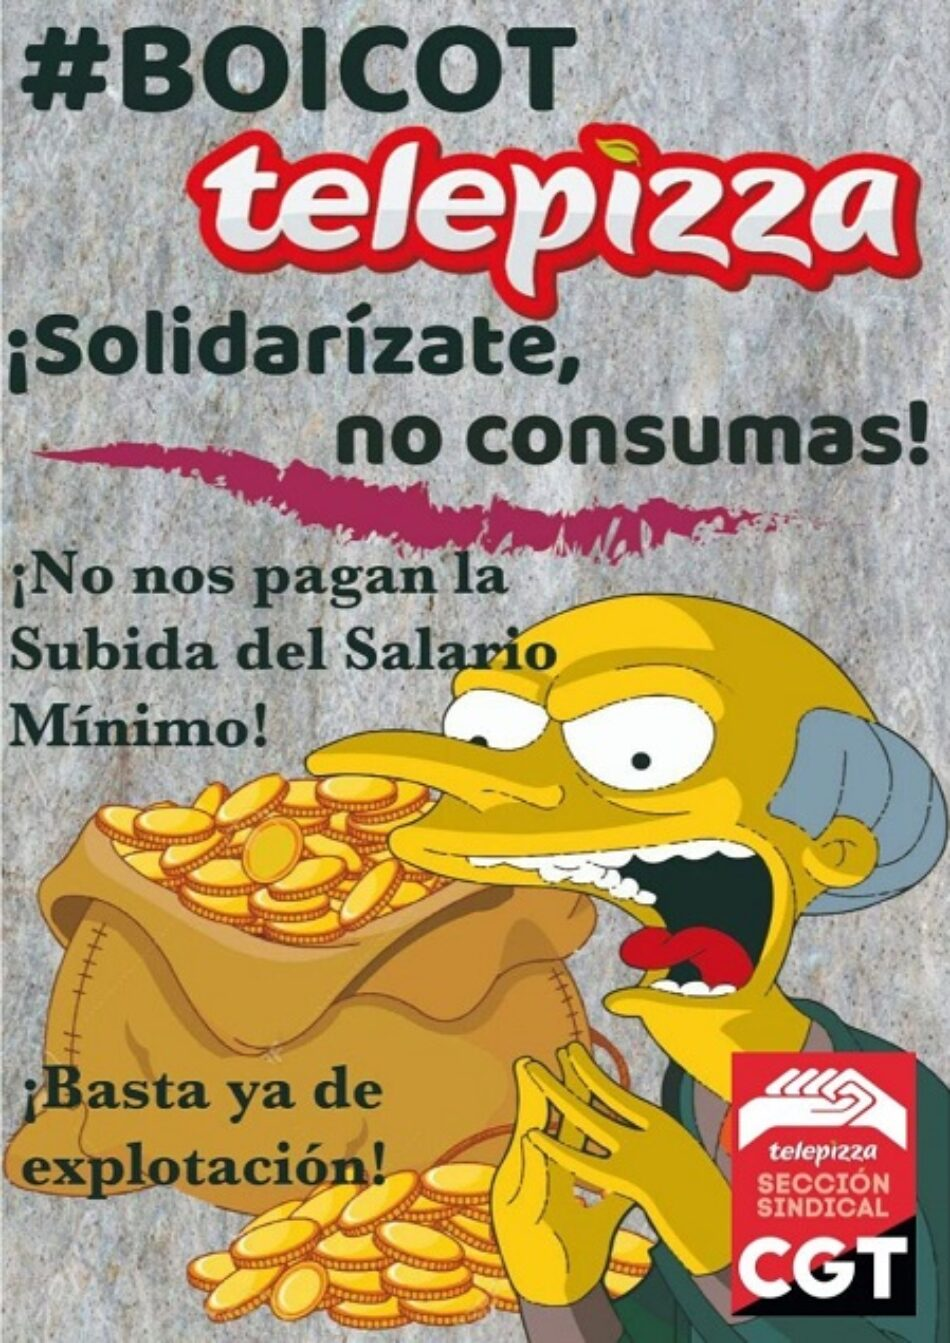 Las plantillas de Telepizza llaman al boicot contra la empresa por unas condiciones laborales dignas